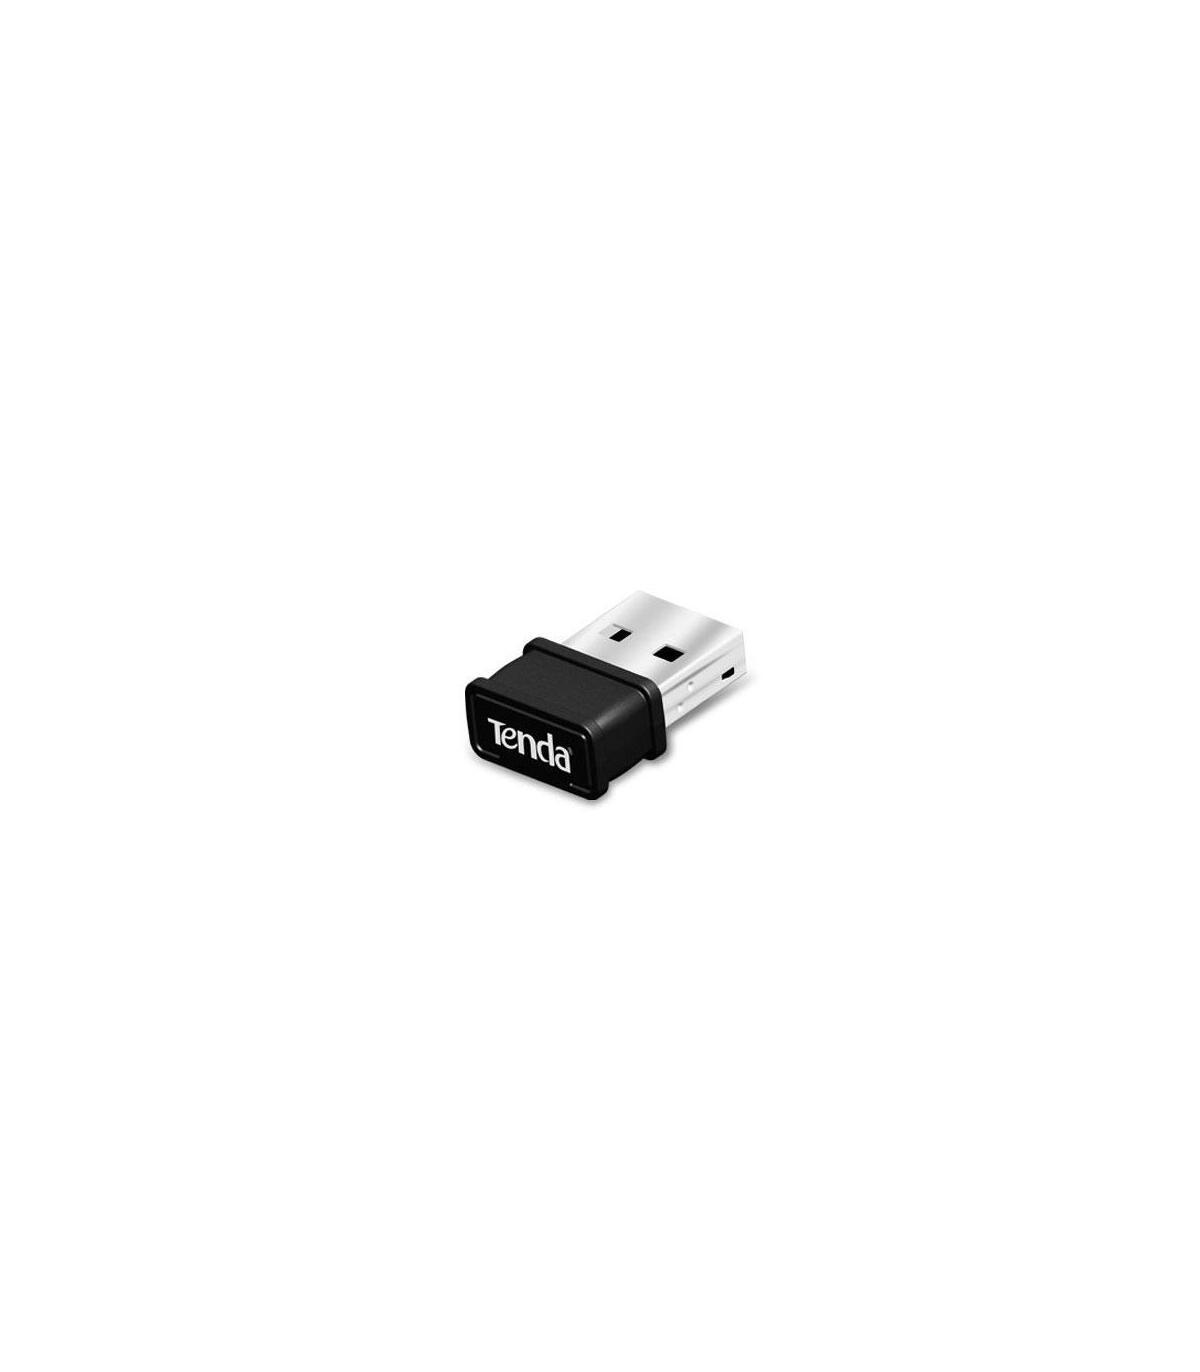 TENDA ADAPTADOR WIFI MINI USB 150Mbps. WPS. AP Soft. W311Mi